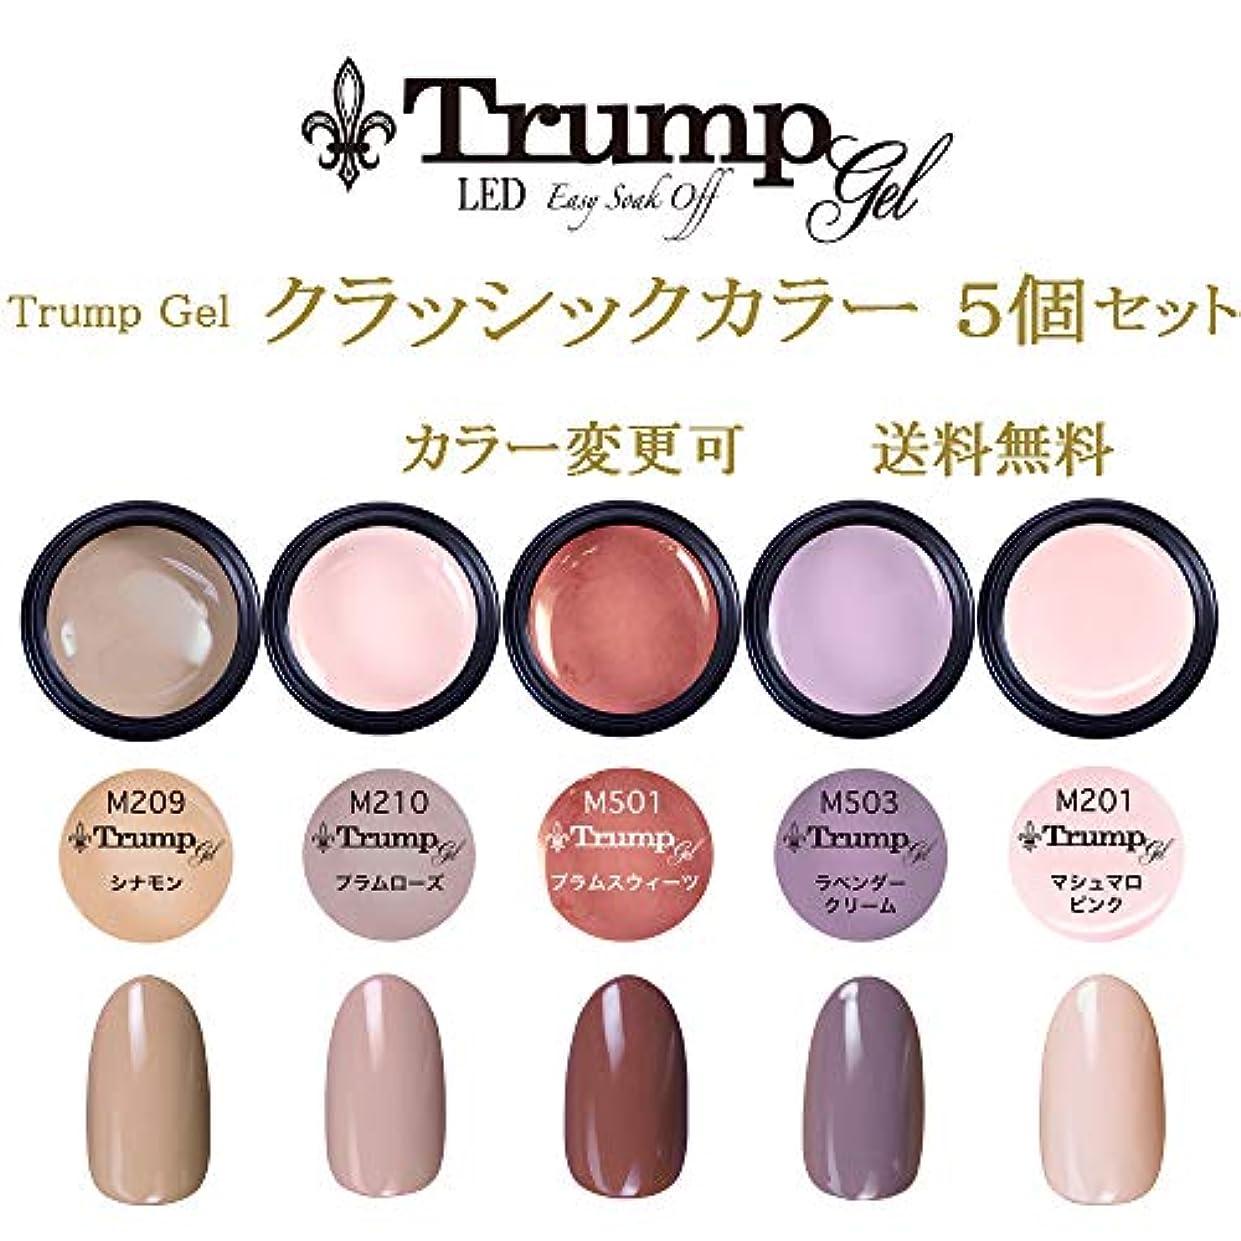 健康的苦展示会【送料無料】日本製 Trump gel トランプジェル クラッシックカラー 選べる カラージェル 5個セット クラッシック ベージュ ブラウン ホワイト ラメ カラー